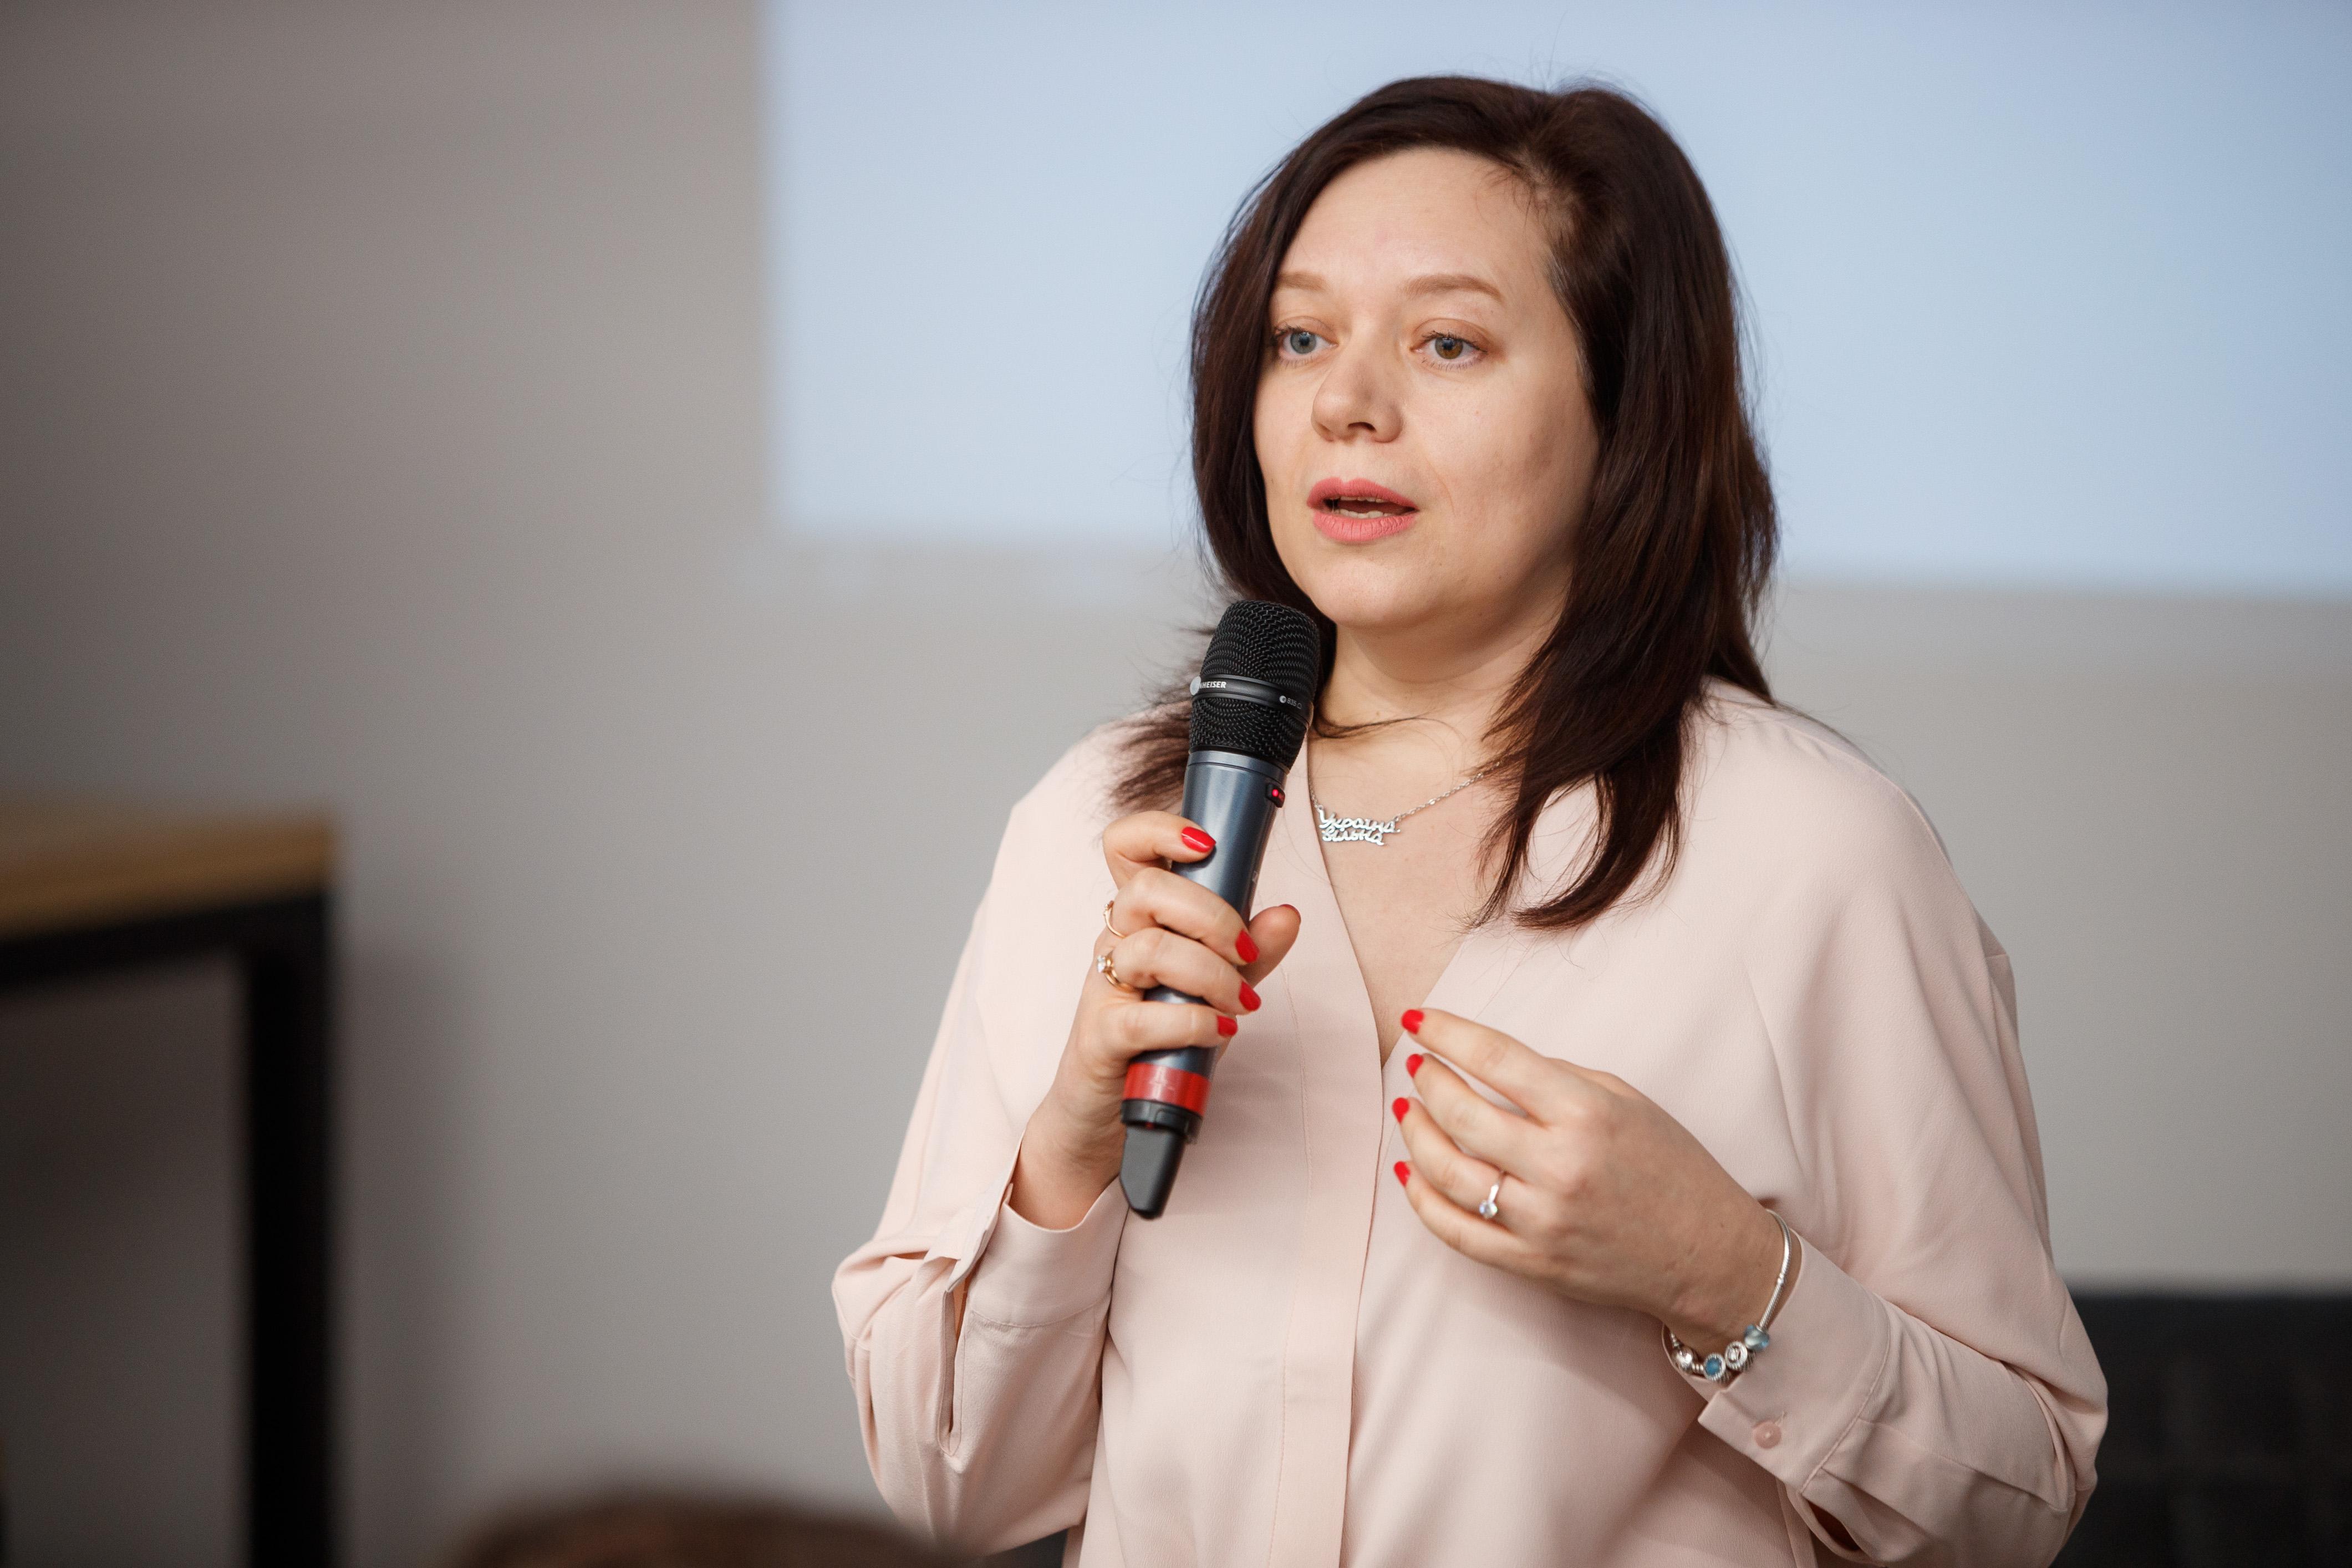 Олена Урсу, керівниця групи проєктівUNDP Ukraine / ПРООН в Україні